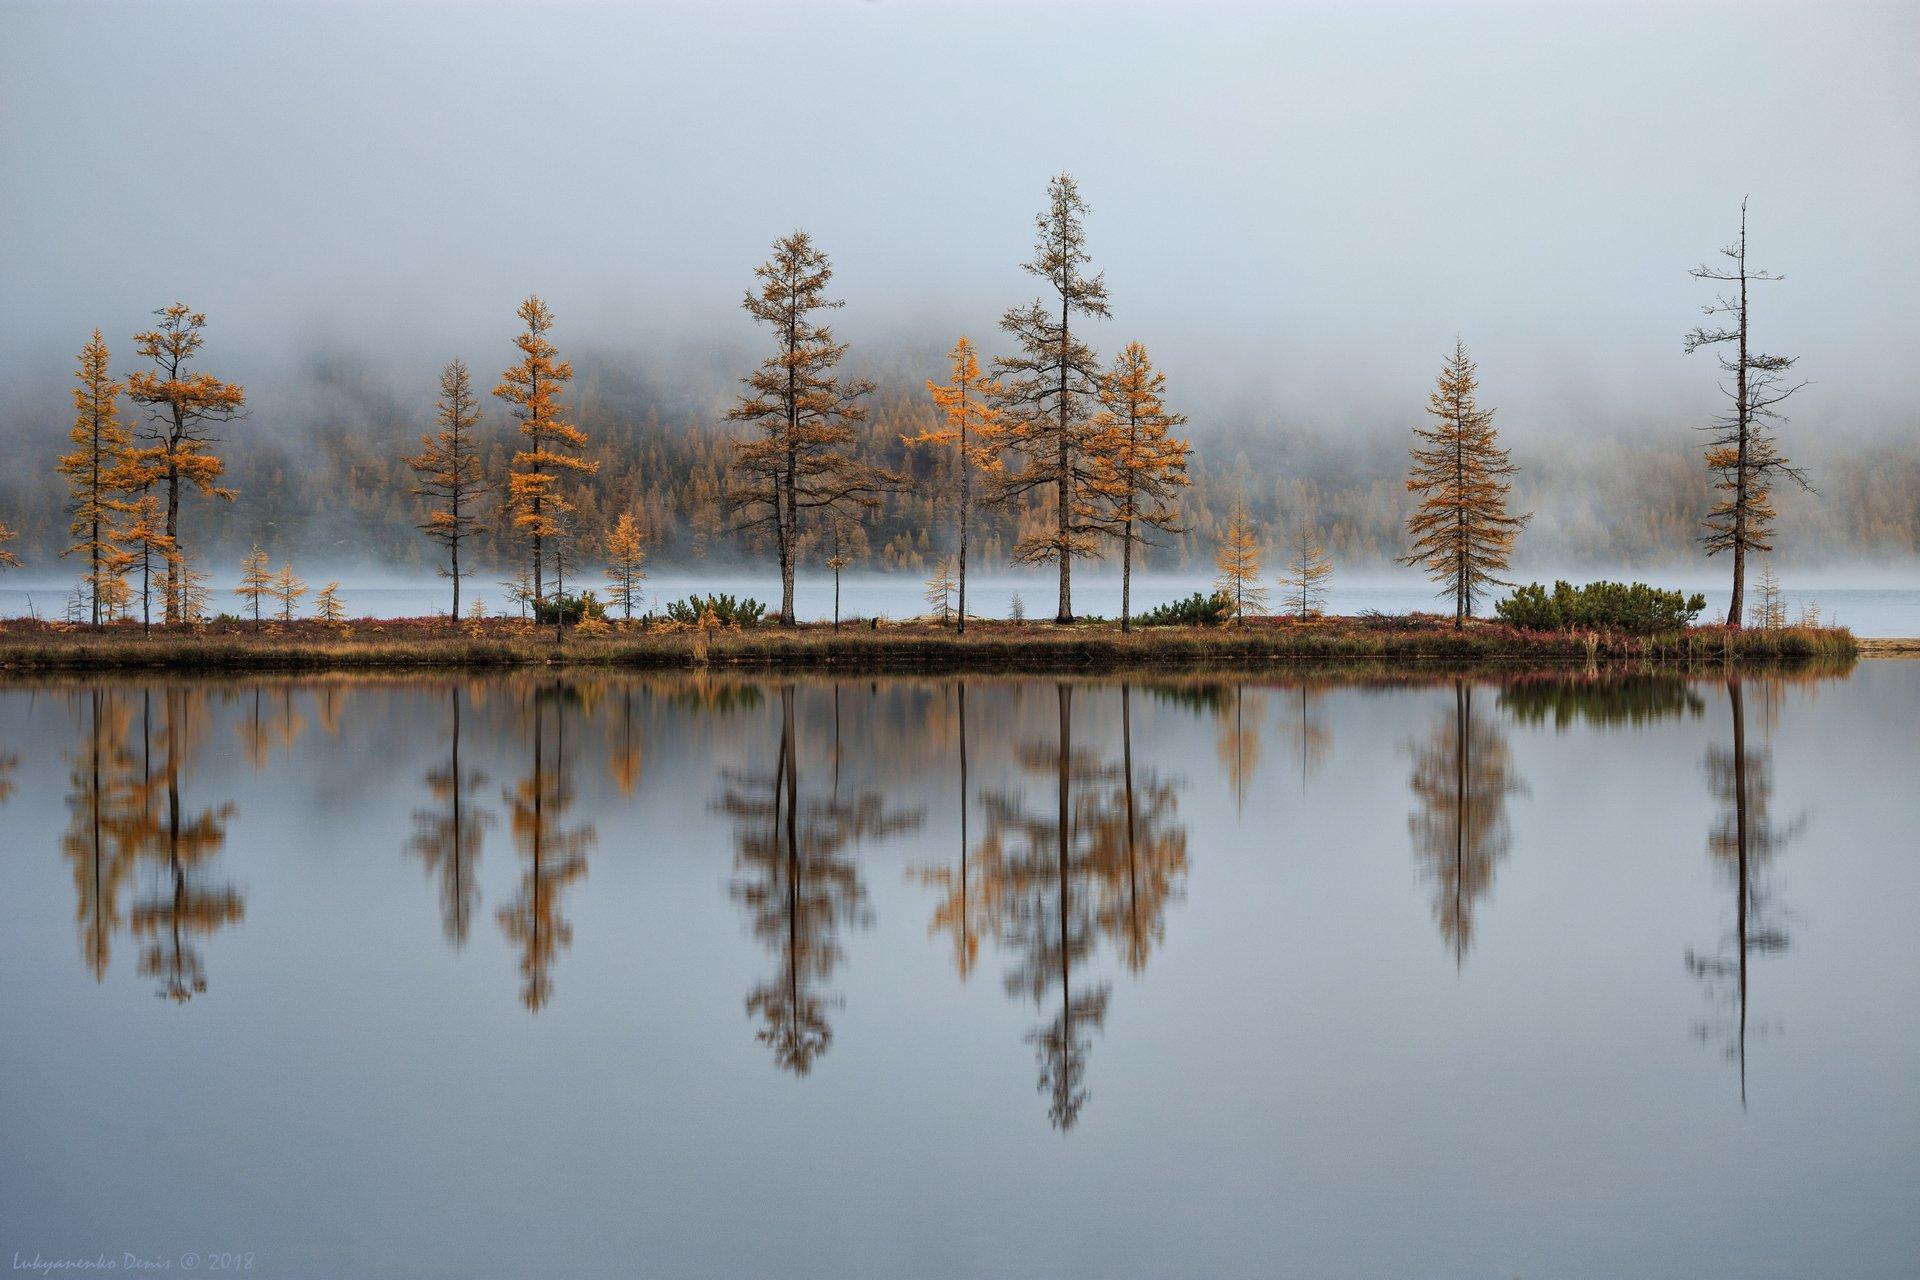 2018, россия, колыма, утро, осень, горы, лиственницы, деревья, туман, отражение, Лукьяненко Денис